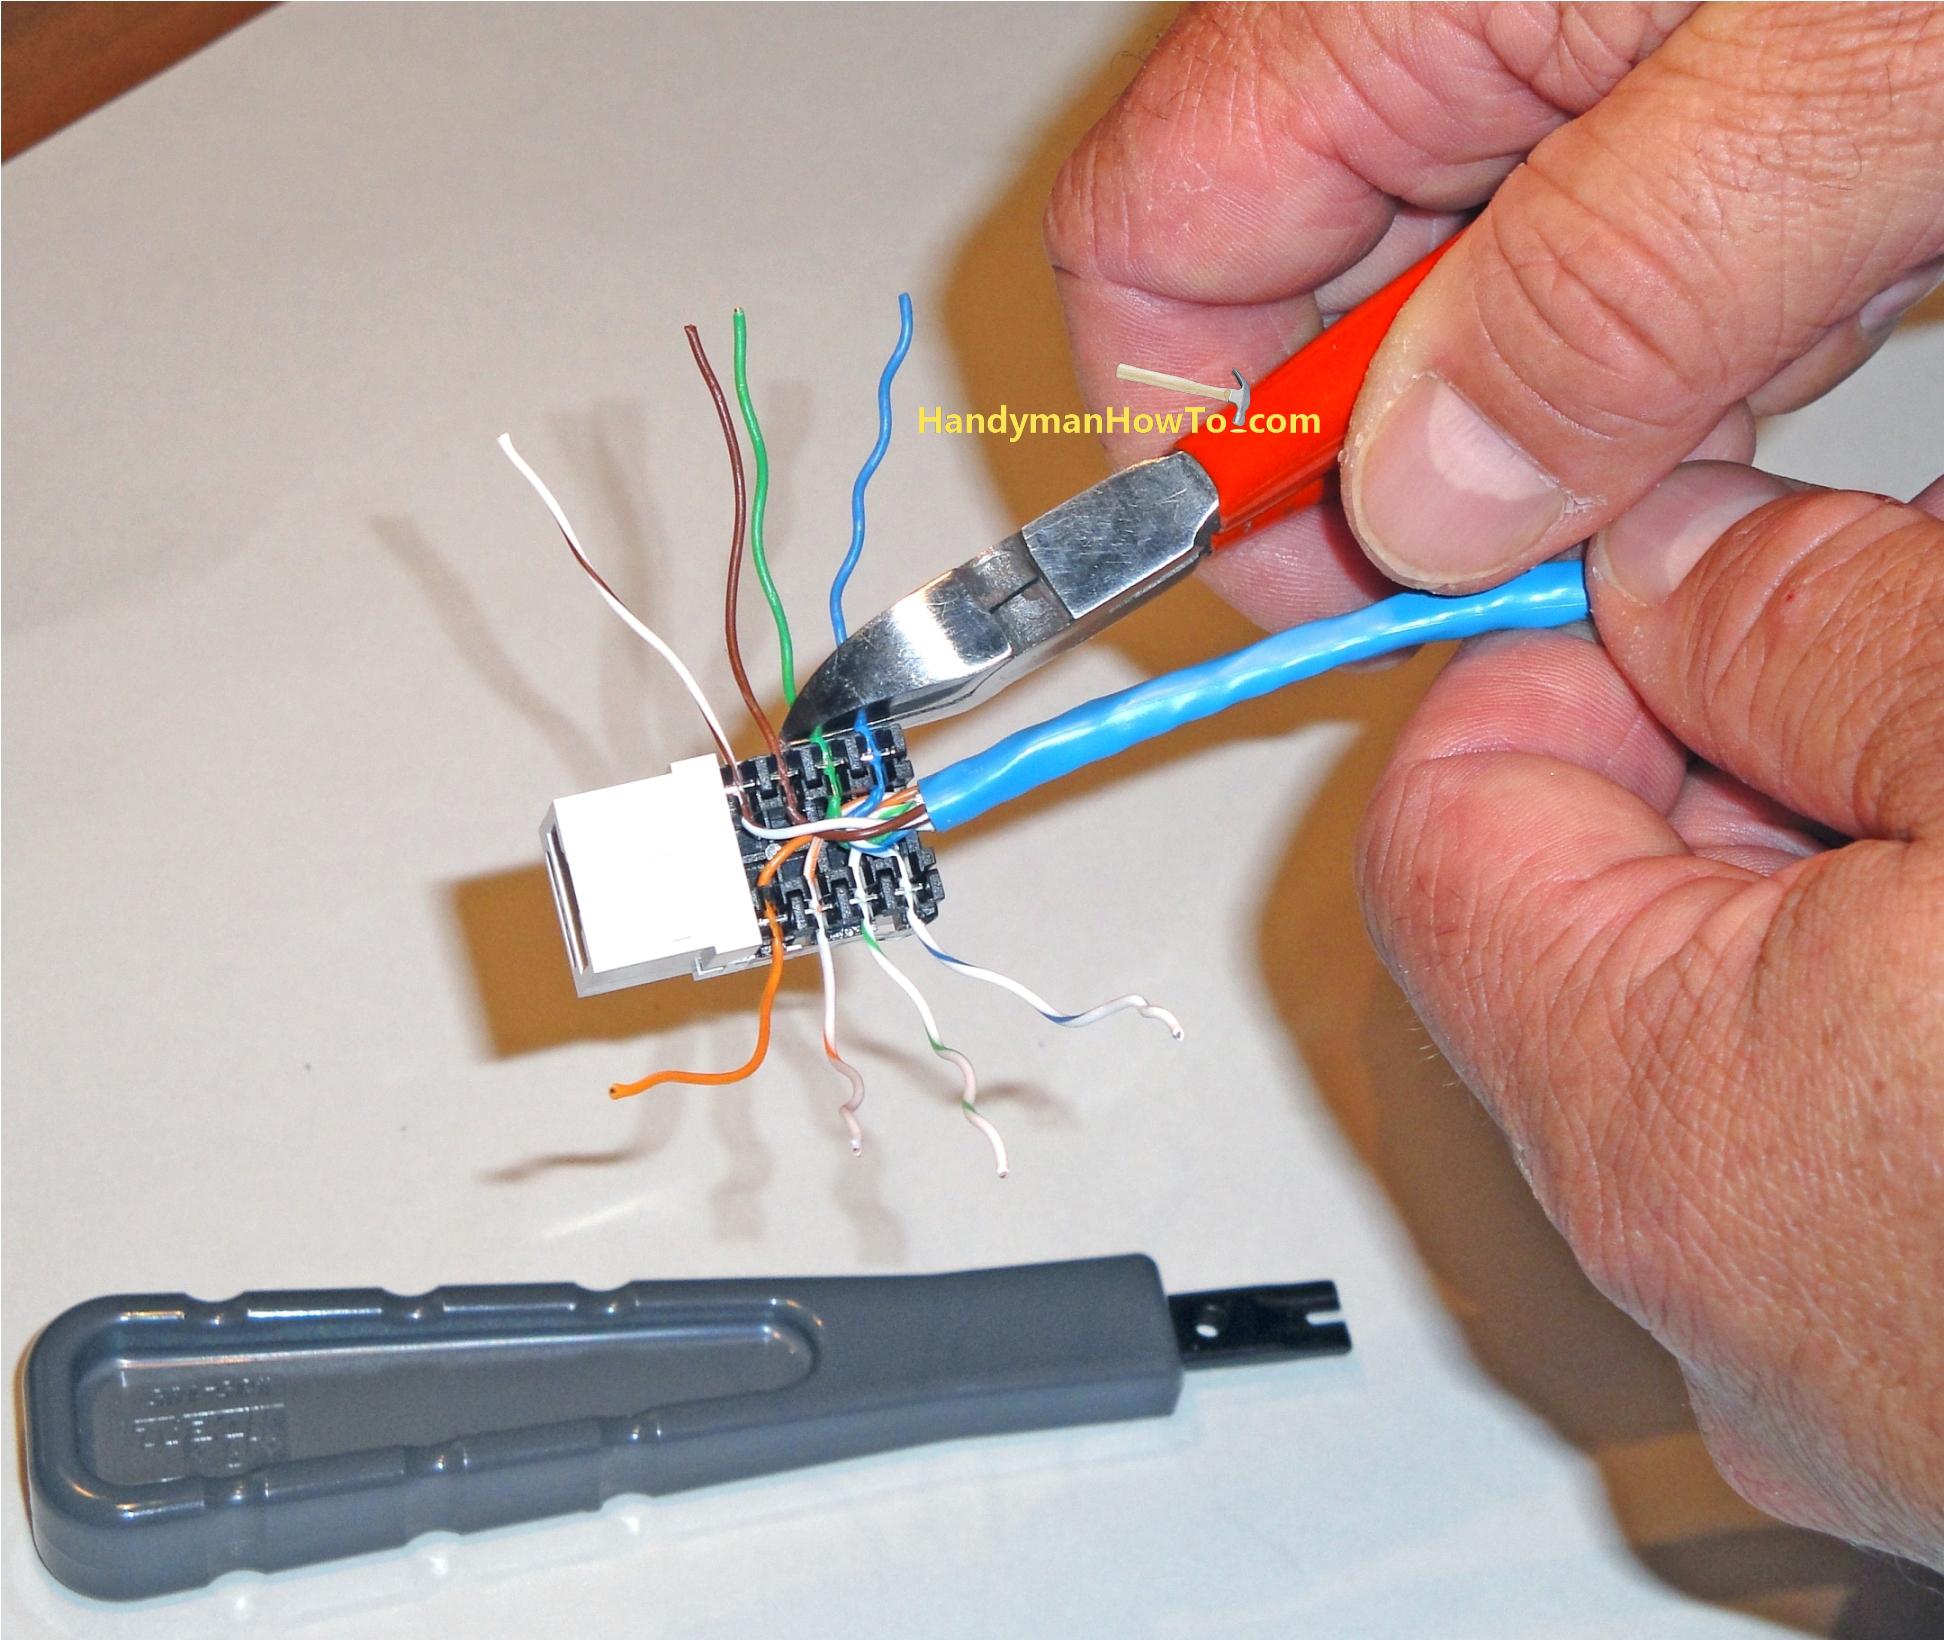 Cat5E Faceplate Wiring Diagram | Manual E-Books - Cat5E Wiring Diagram Wall Plate